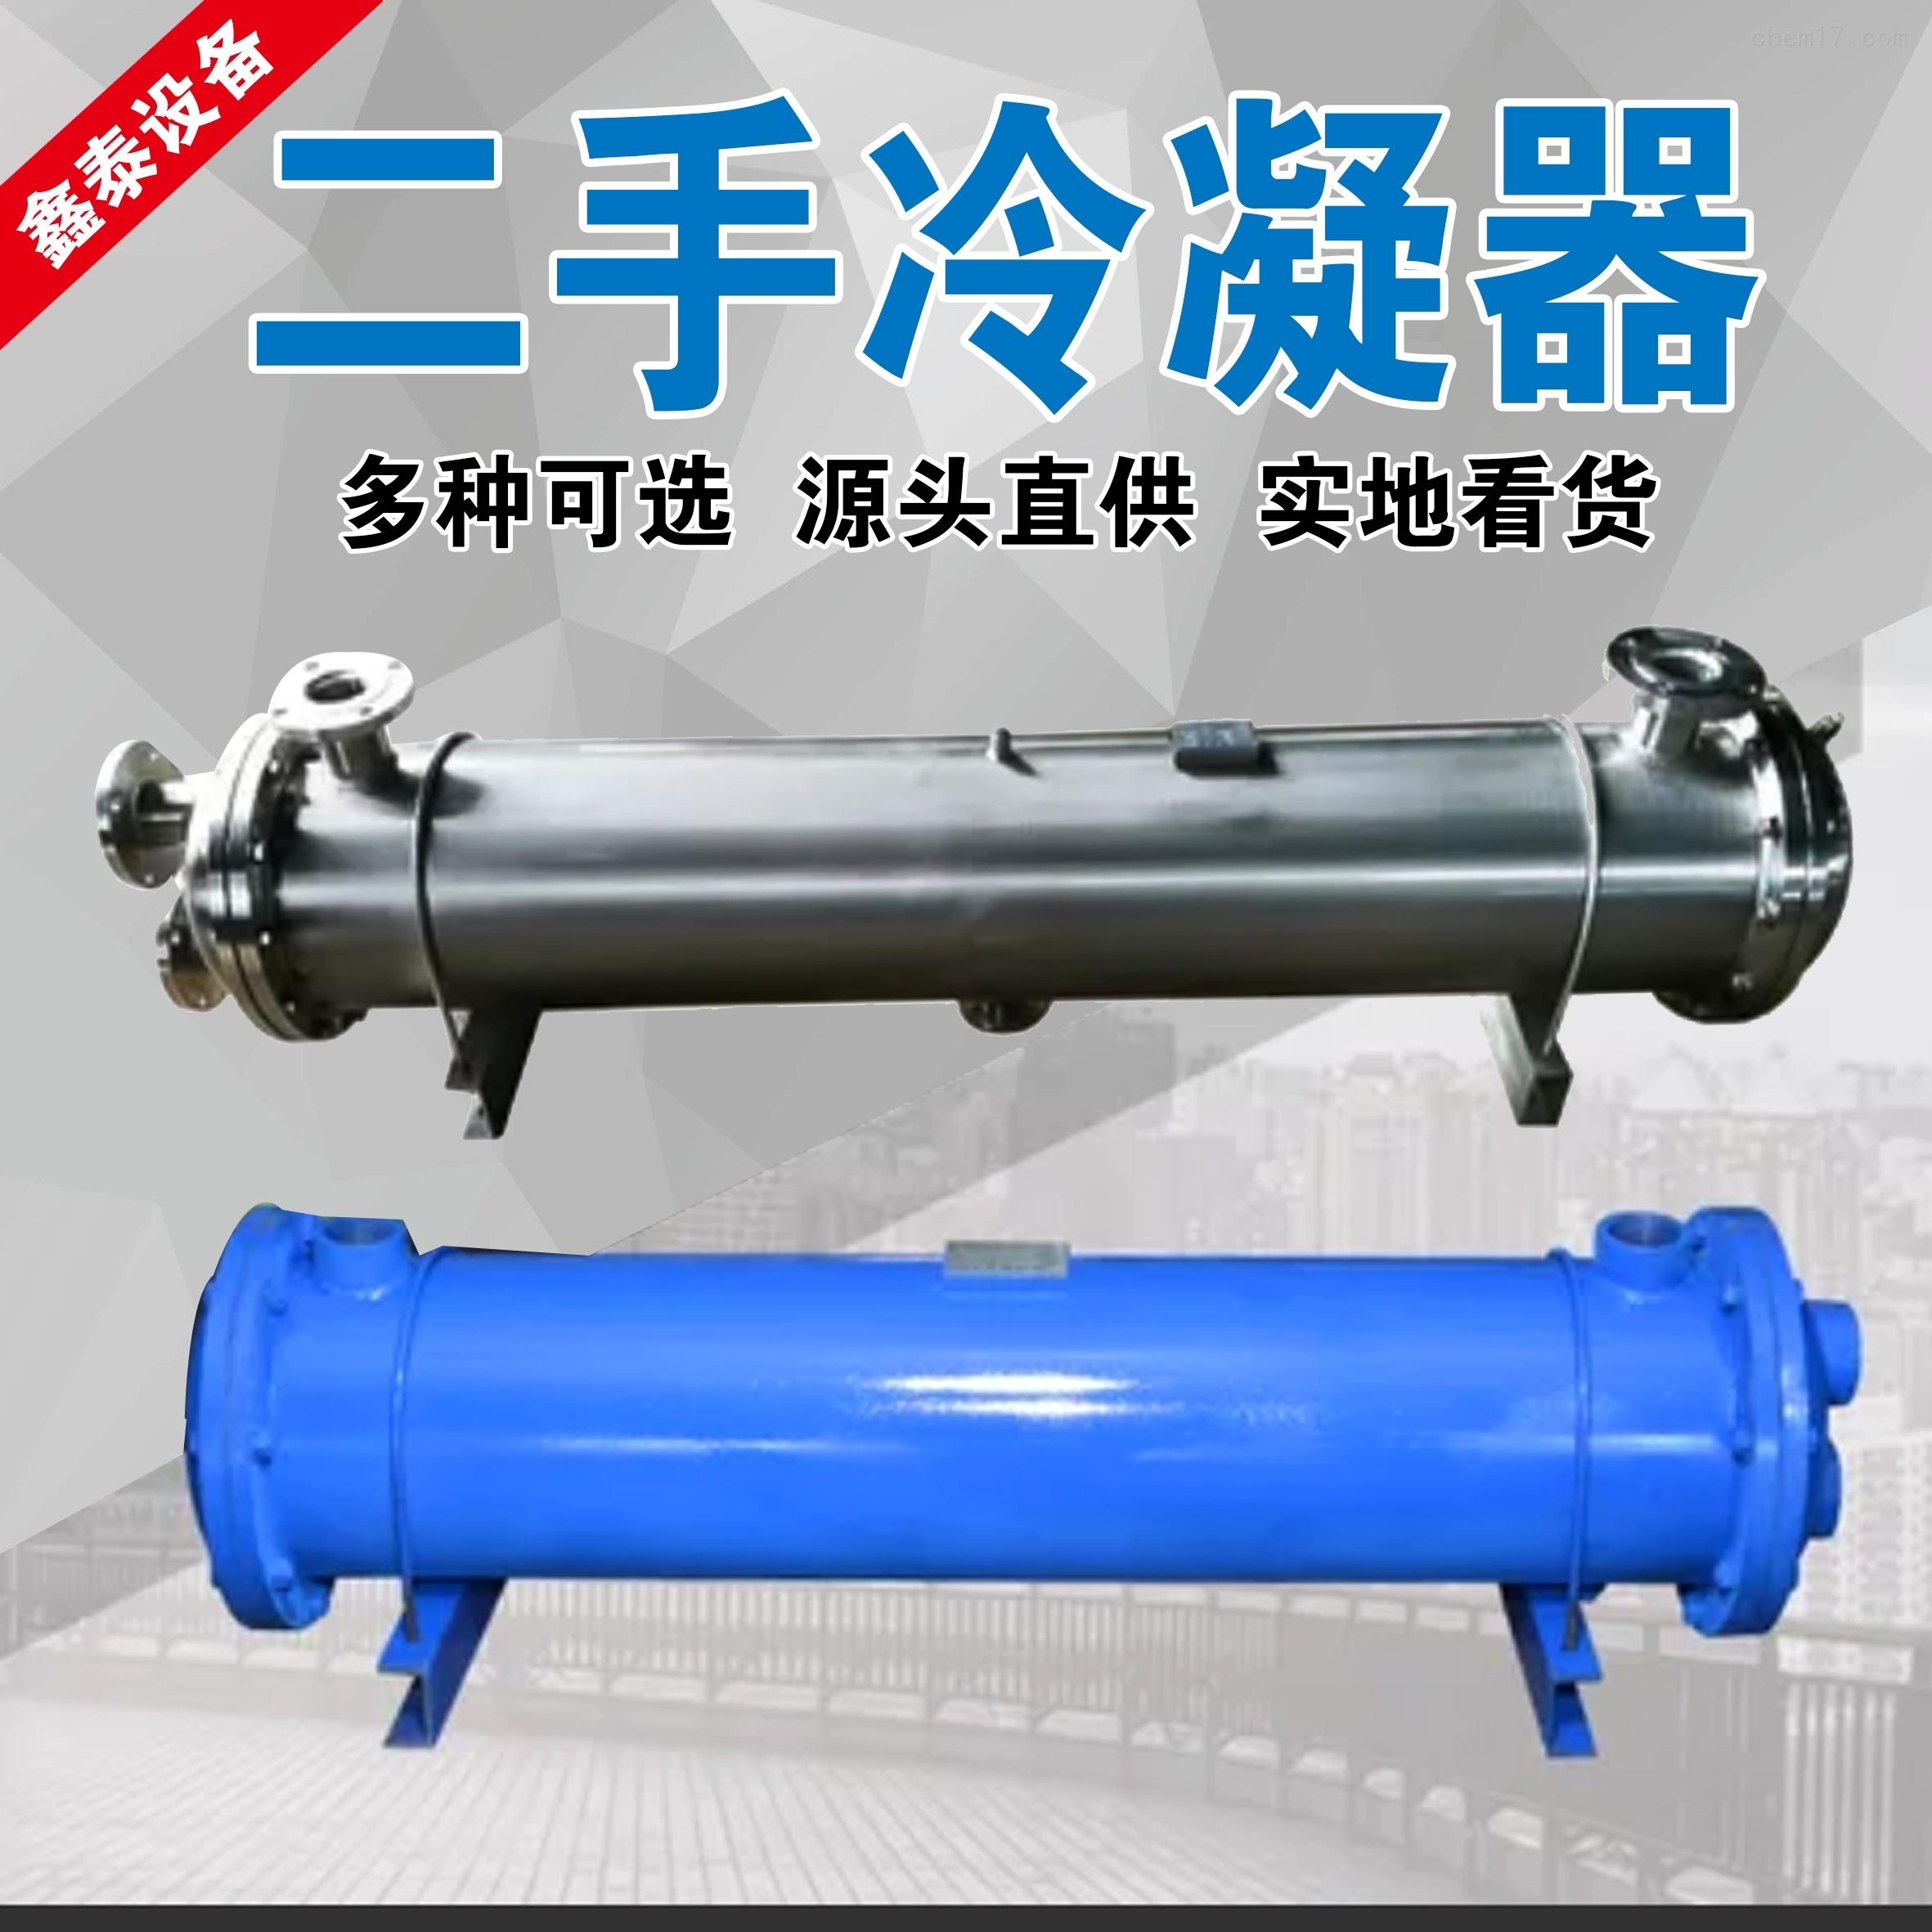 二手钛管冷凝器 不锈钢换热器 厂家回收